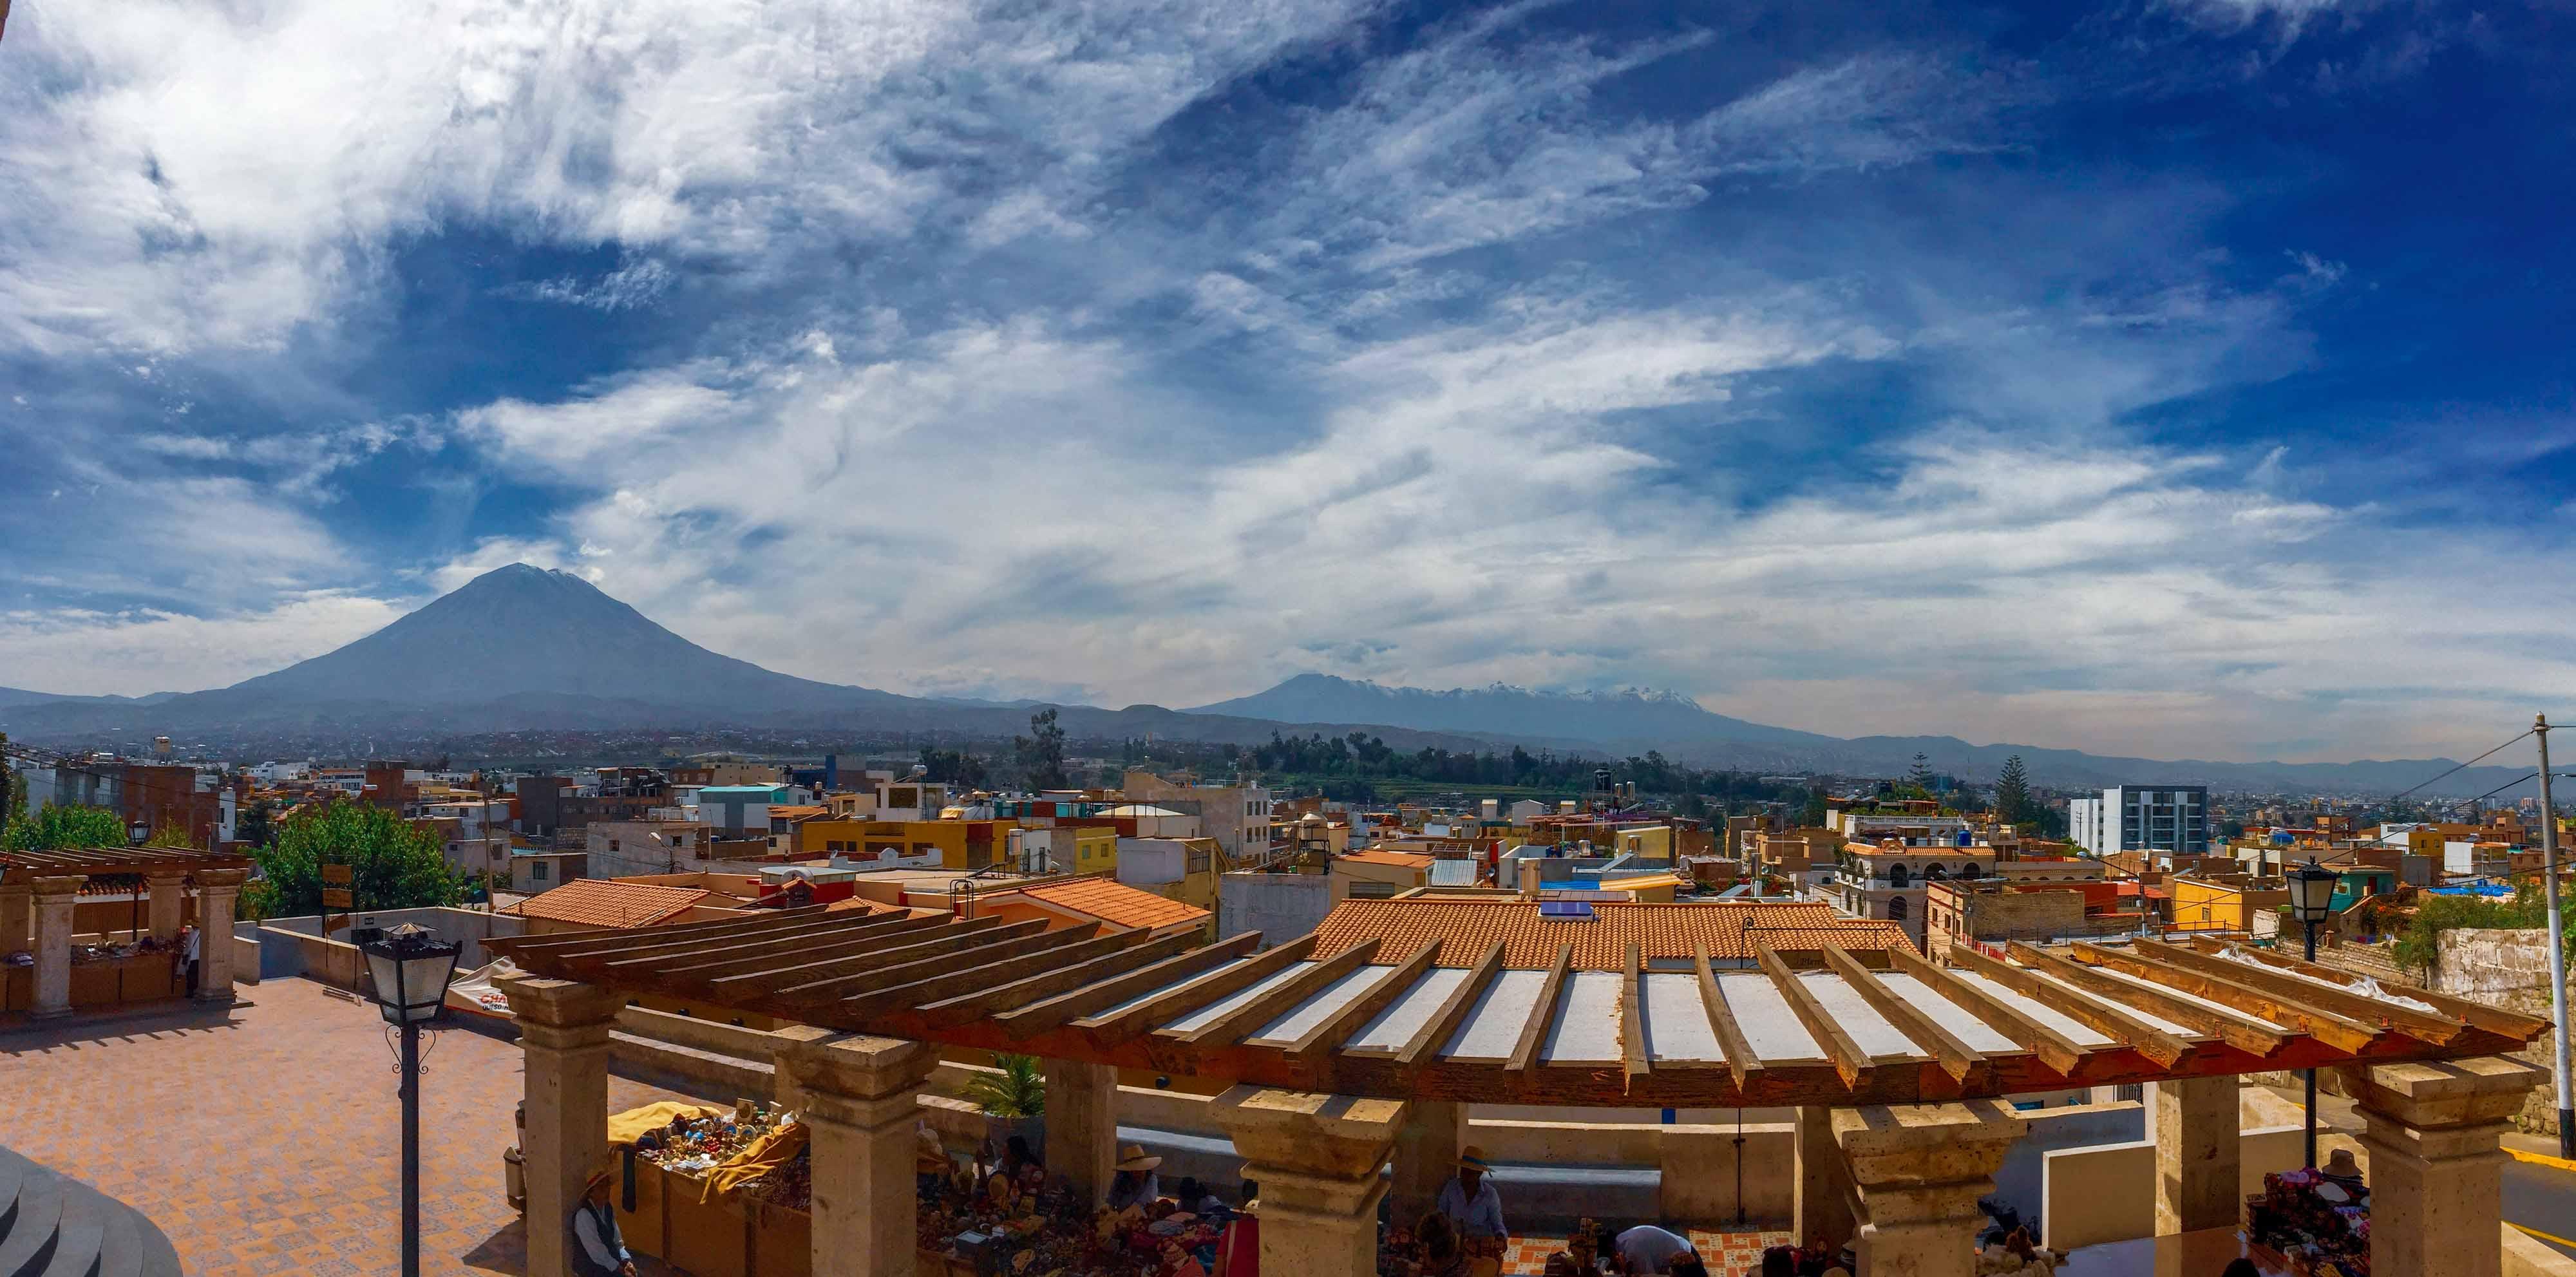 Le panorama sur toute la ville d'Arequipa